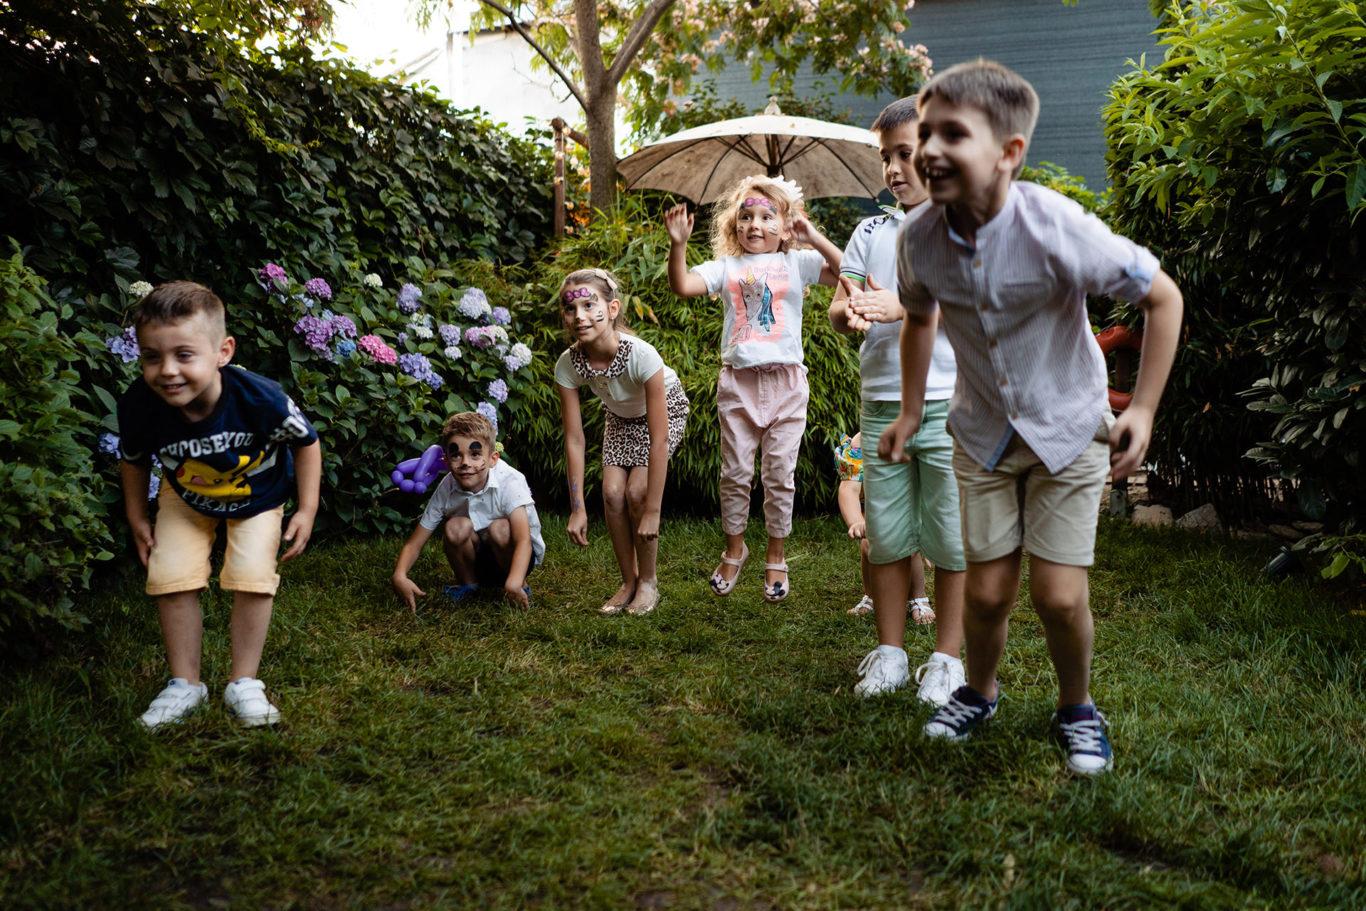 Fun play in the garden at Ochisoru - foto Ciprian Dumitrescu